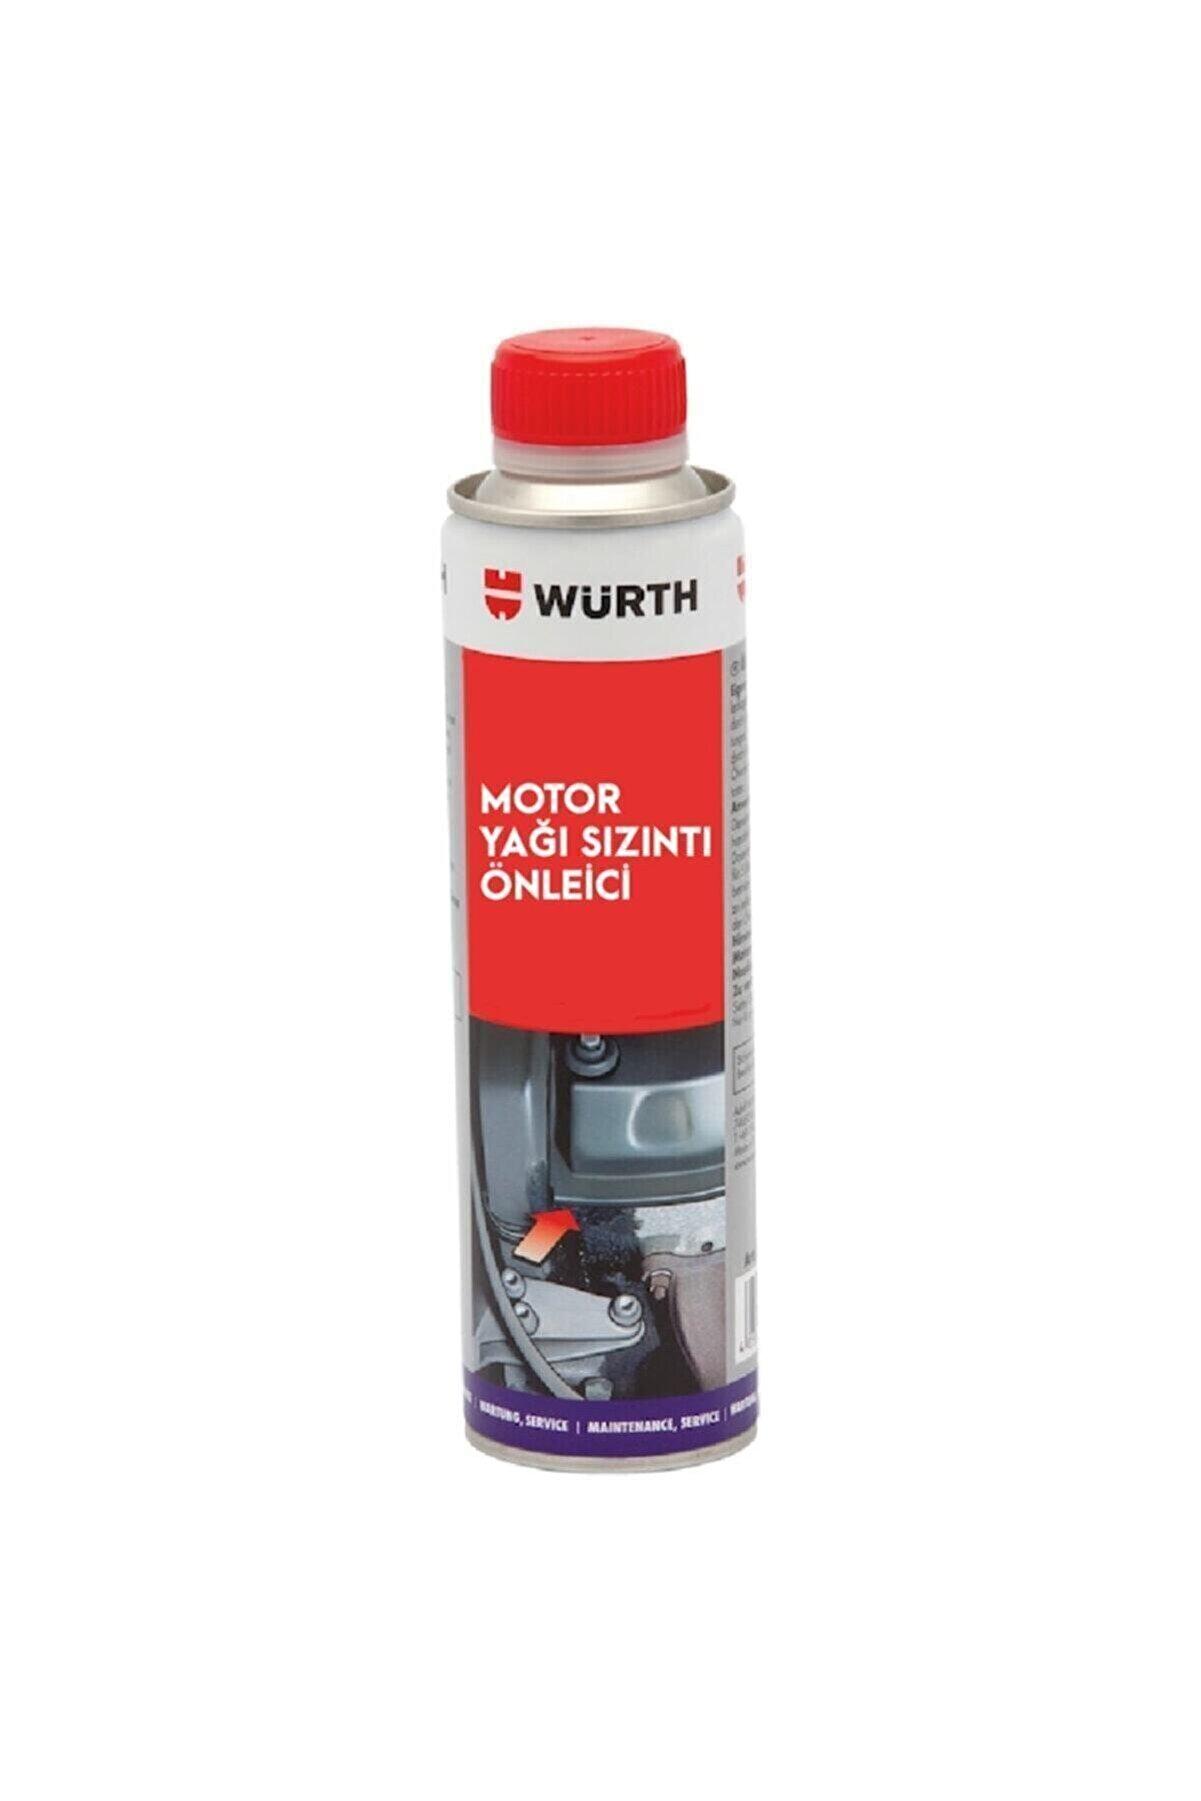 Würth Motor Yağı Sızıntı Önleyici Tıkayıcı 300 ml